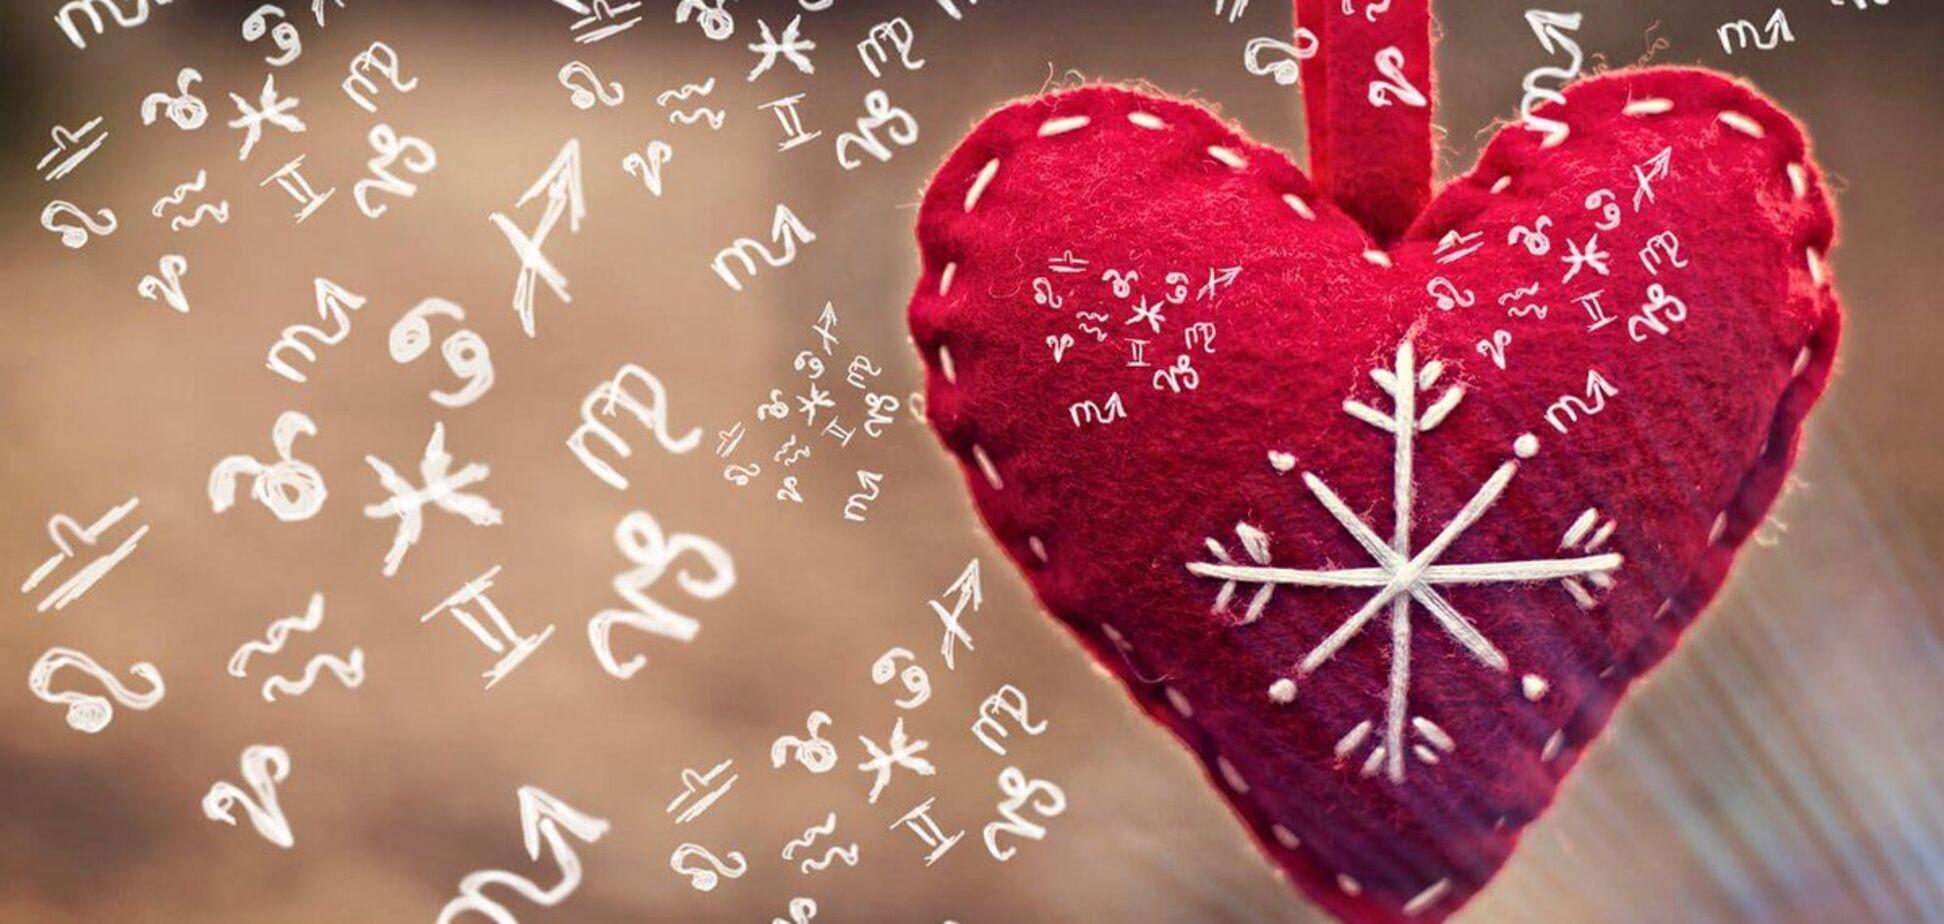 Любовный гороскоп на февраль: кто найдет вторую половинку